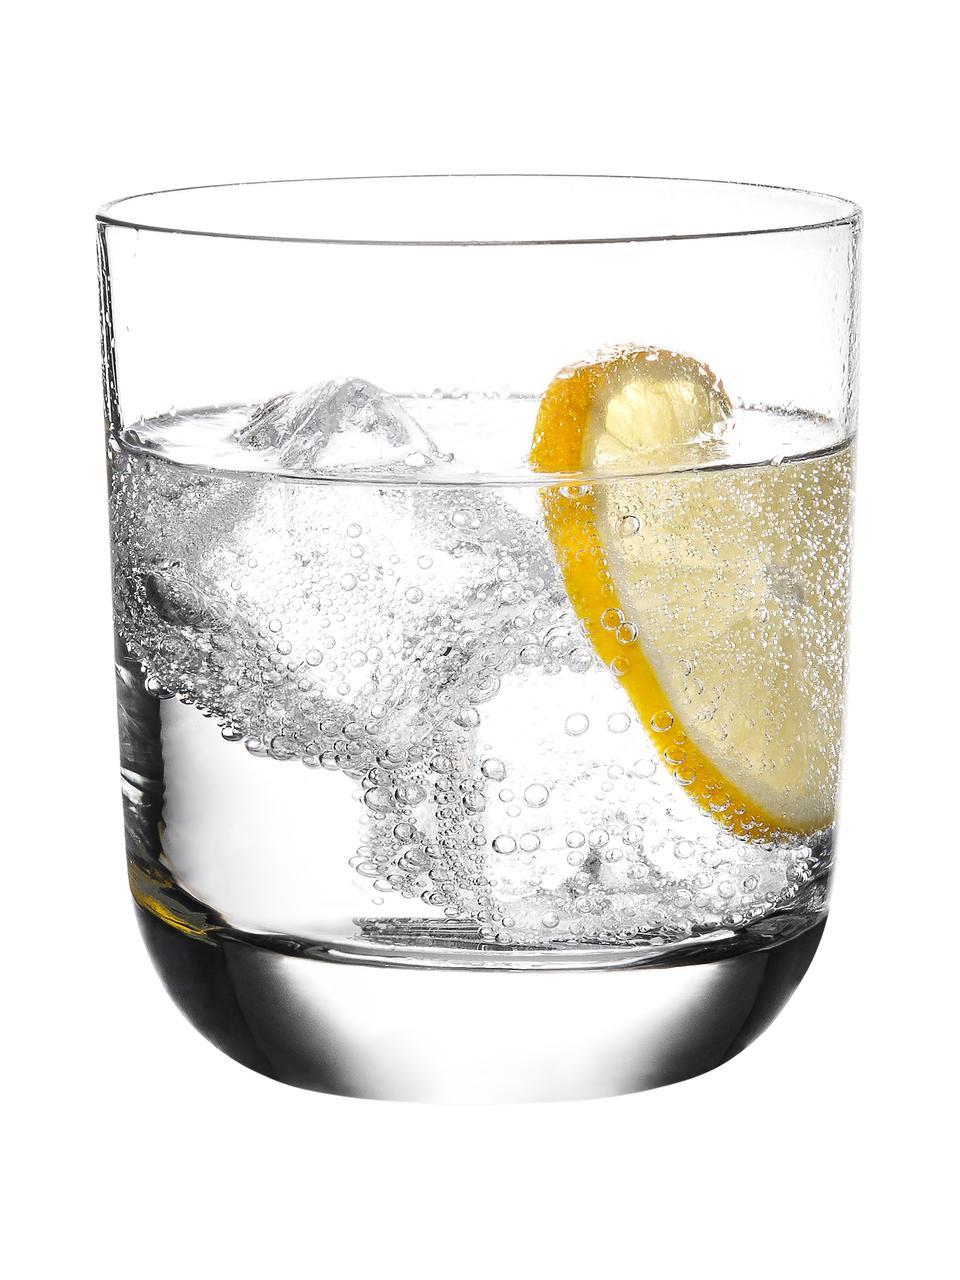 Kristallgläser Harmony aus glattem Kristallglas, 6 Stück, Edelster Glanz – das Kristallglas bricht einfallendes Licht besonders stark., Transparent, Ø 9 x H 10 cm